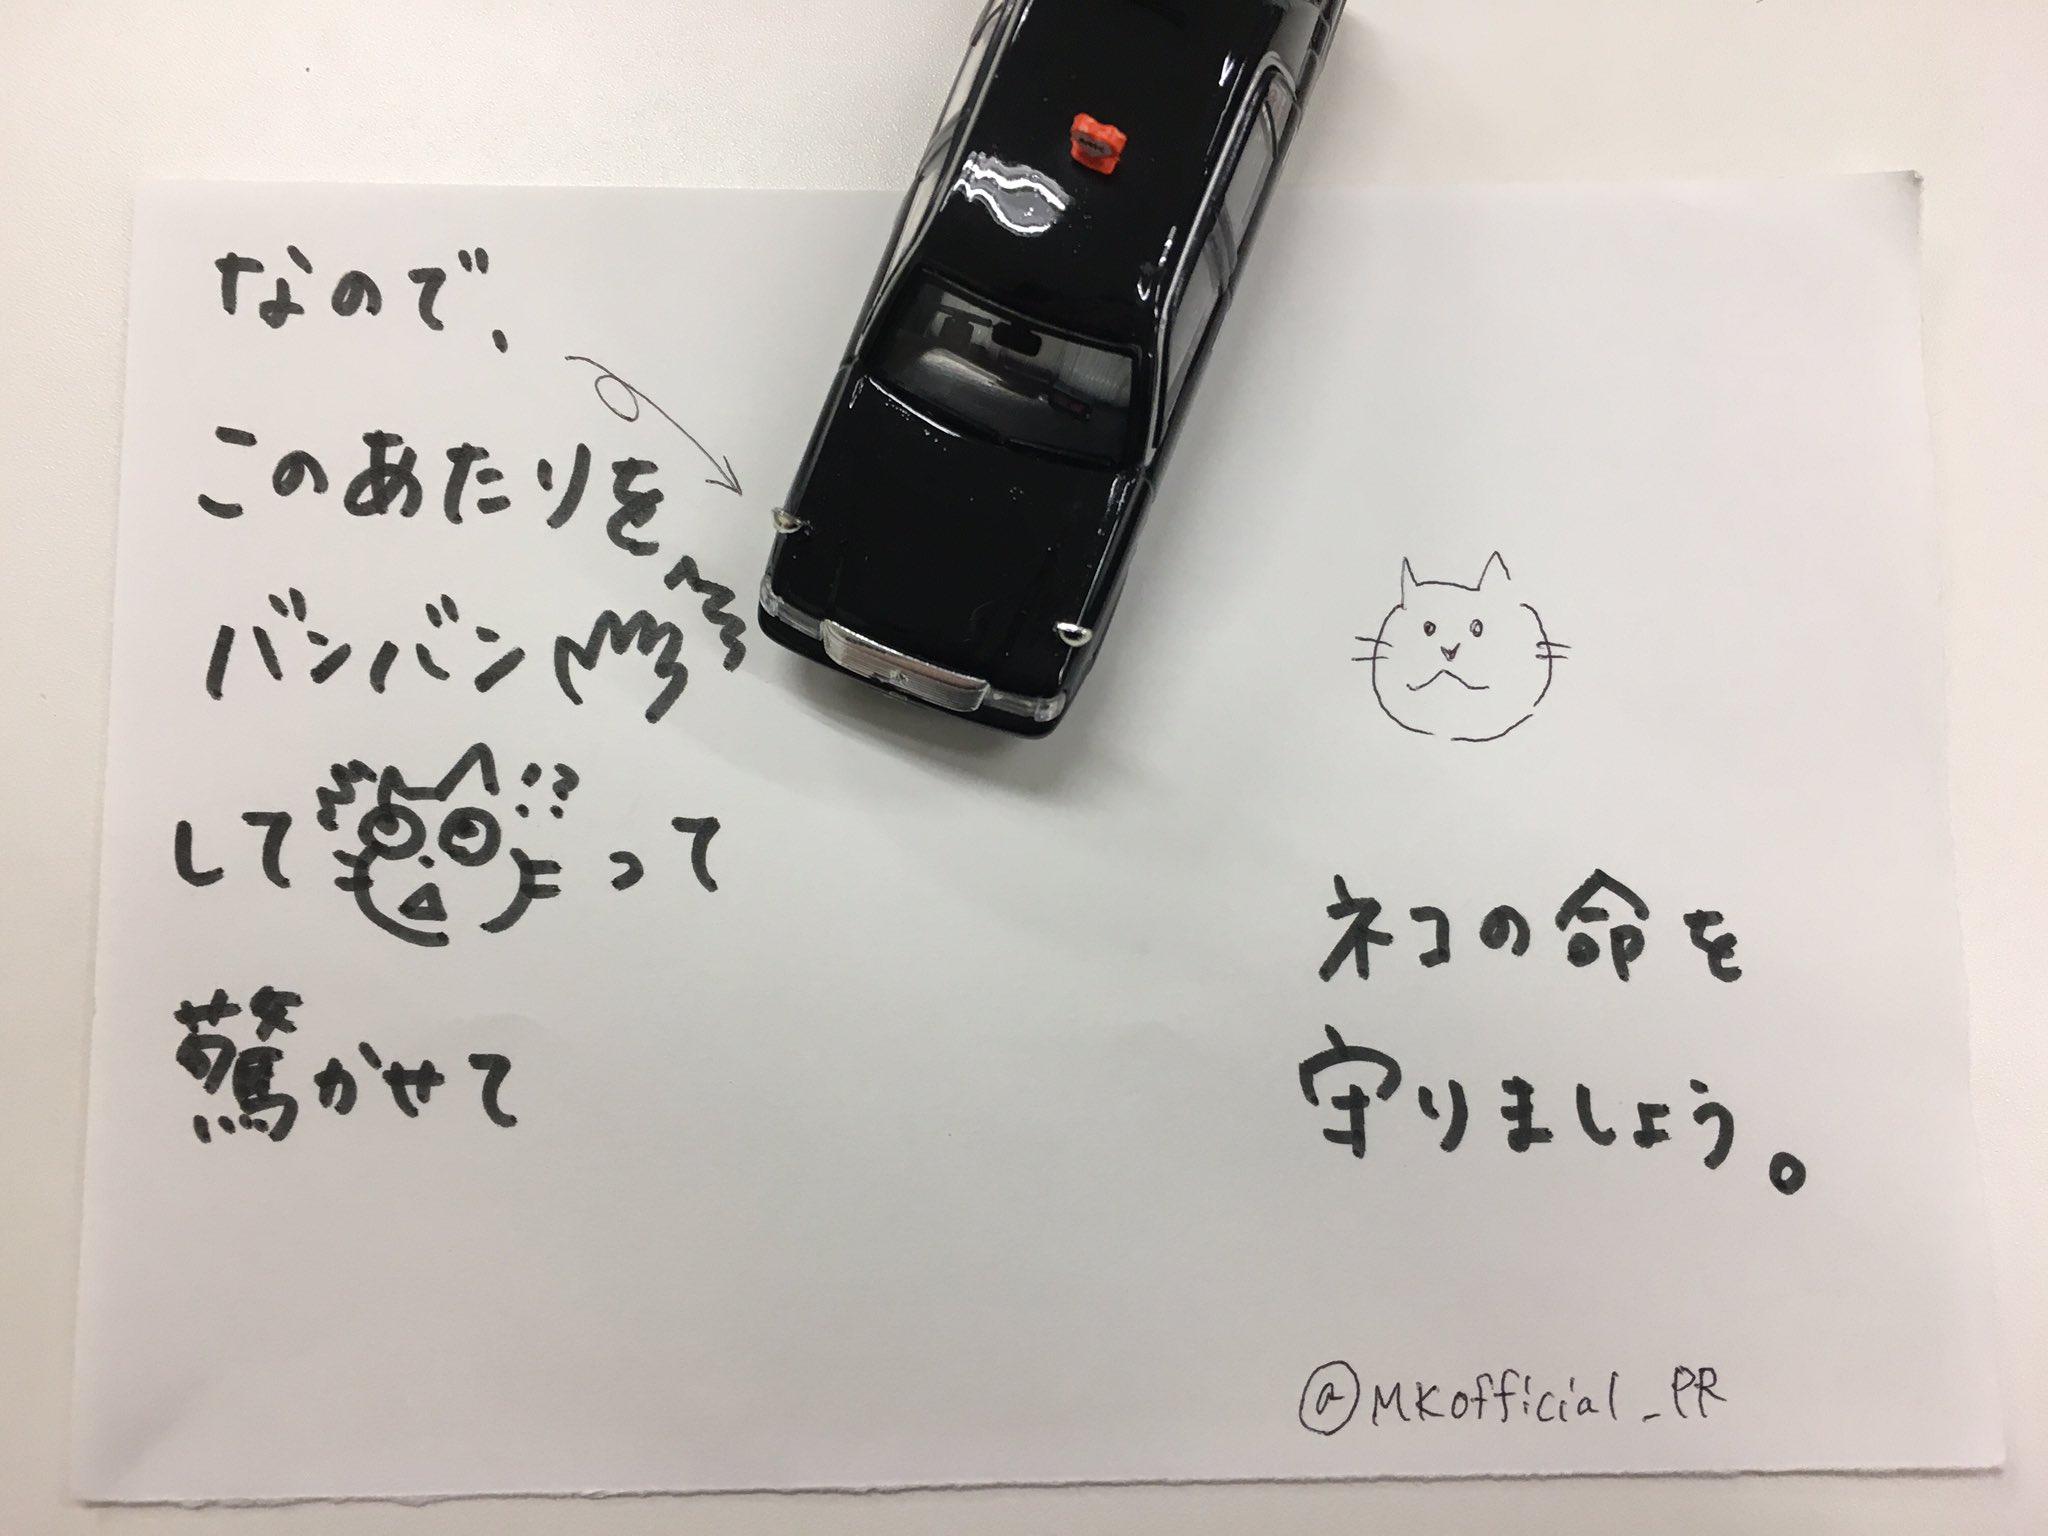 【猫ネタ】タクシー業界でも猫バンバン!?MKタクシーが行ったユニークすぎる注意喚起とは・・・!?